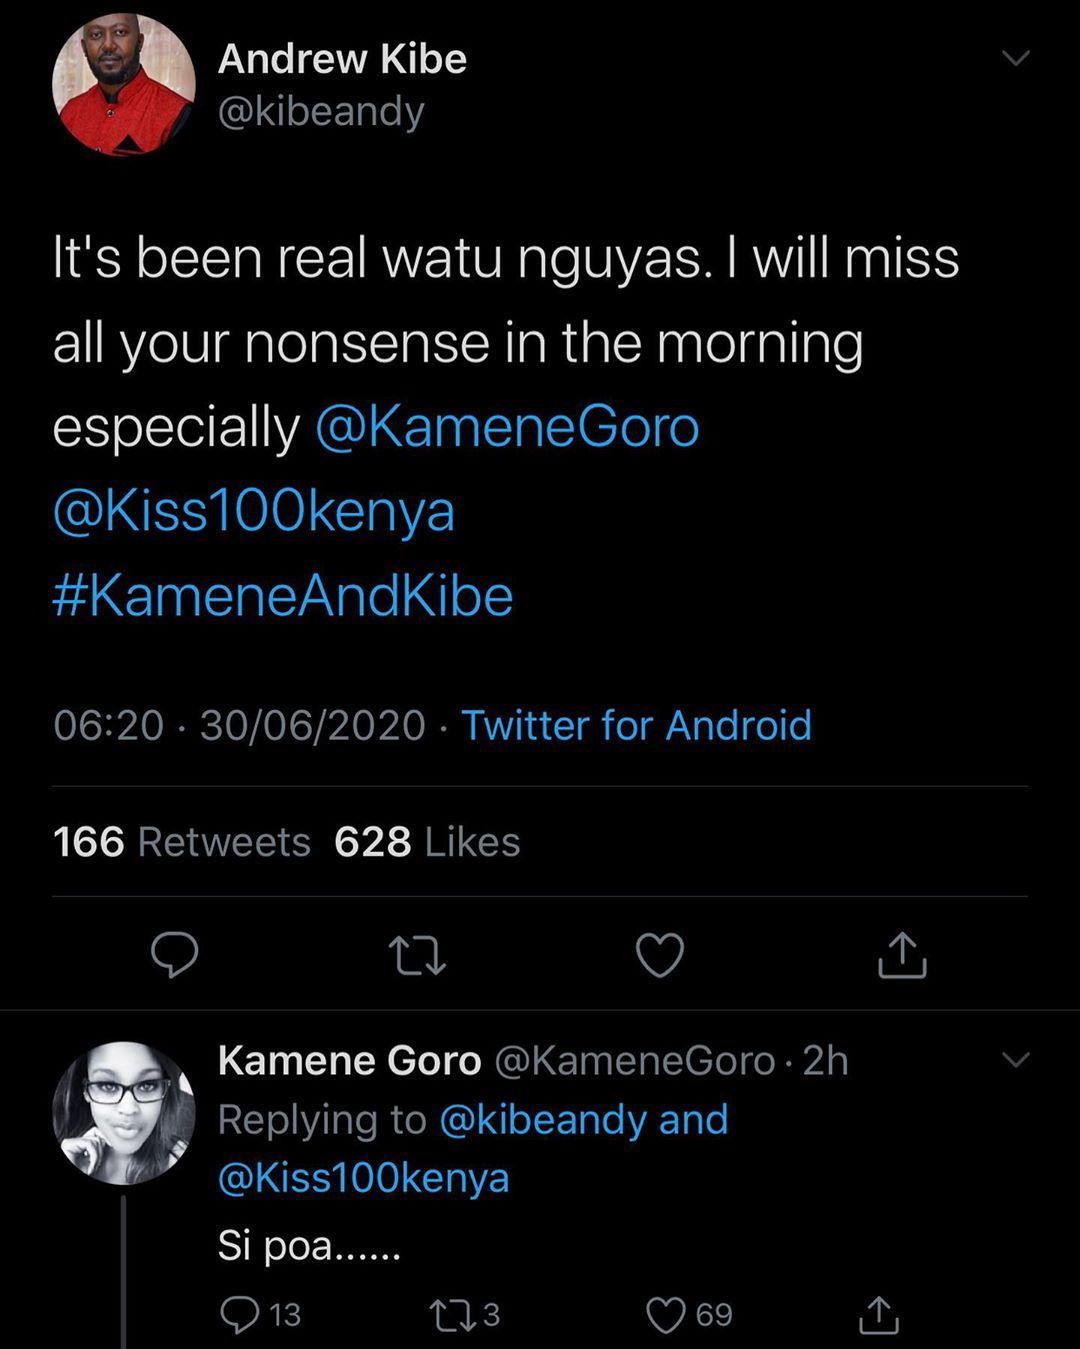 Kibe's tweet